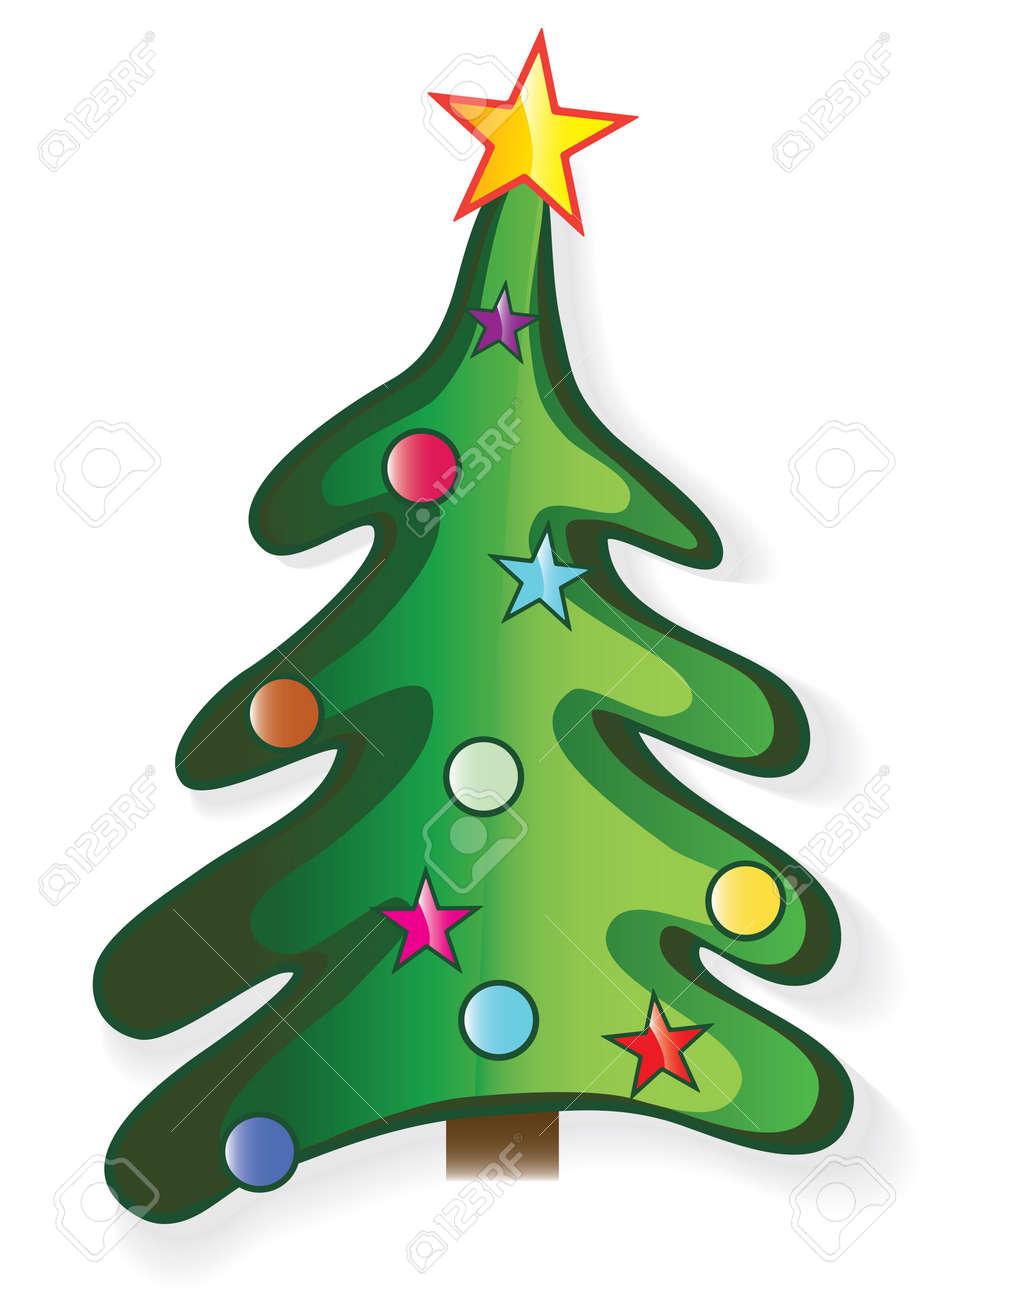 Stern Auf Weihnachtsbaum.Icon Weihnachtsbaum Mit Stern Und Ball Kreative Karikatur Merry